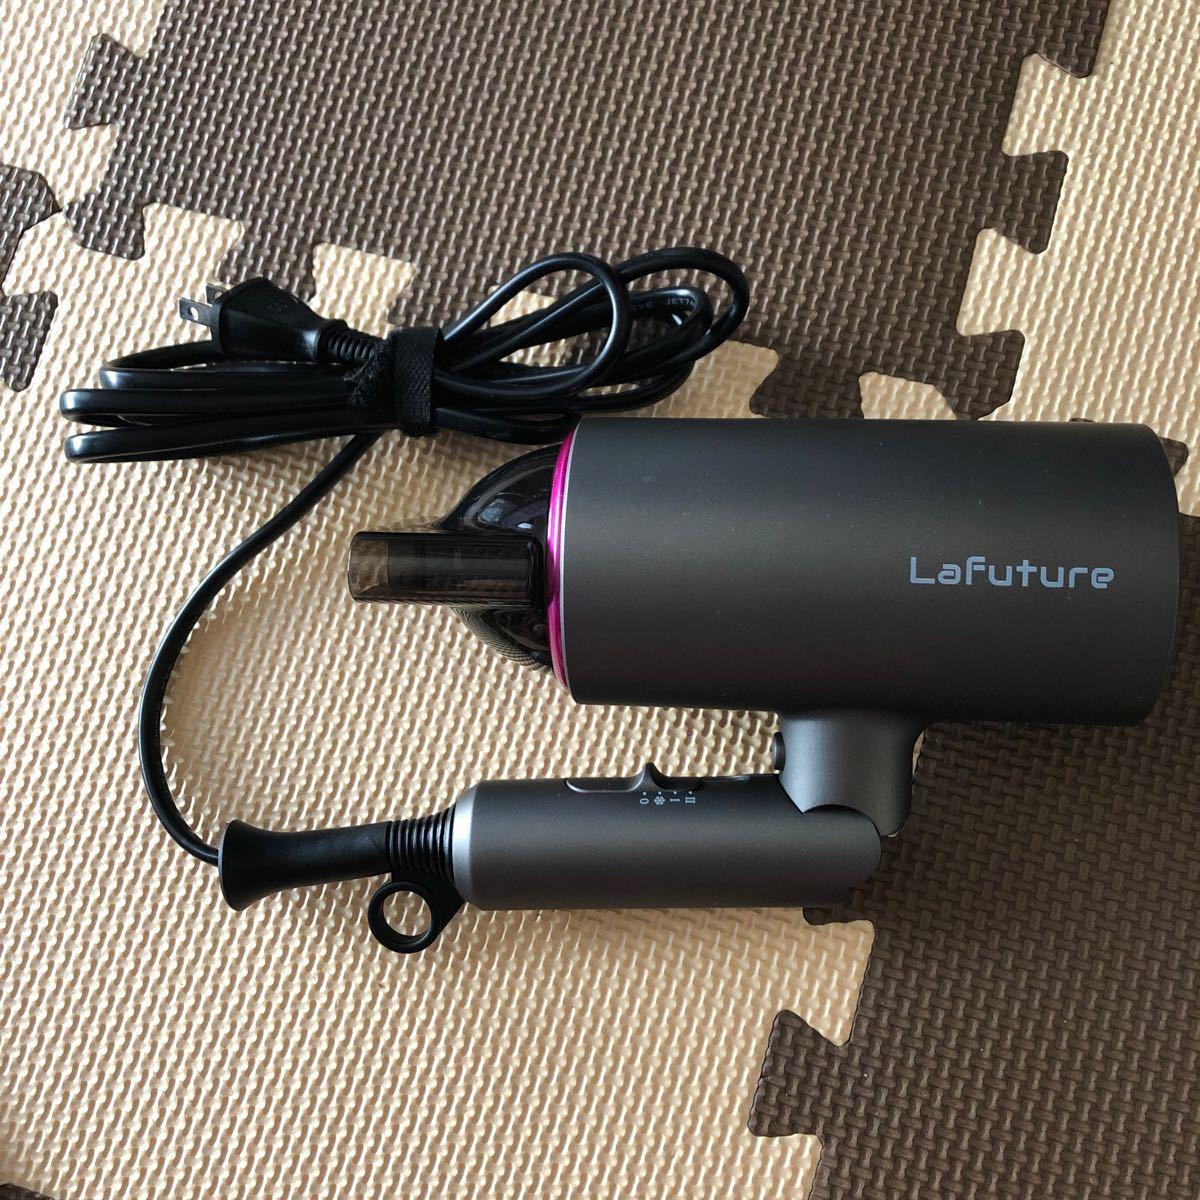 ドライヤー Lafuture 大風量 速乾 ナノケア ヘアドライヤー 折りたたみ式 マイナスイオン ヘアケア  髪質改善